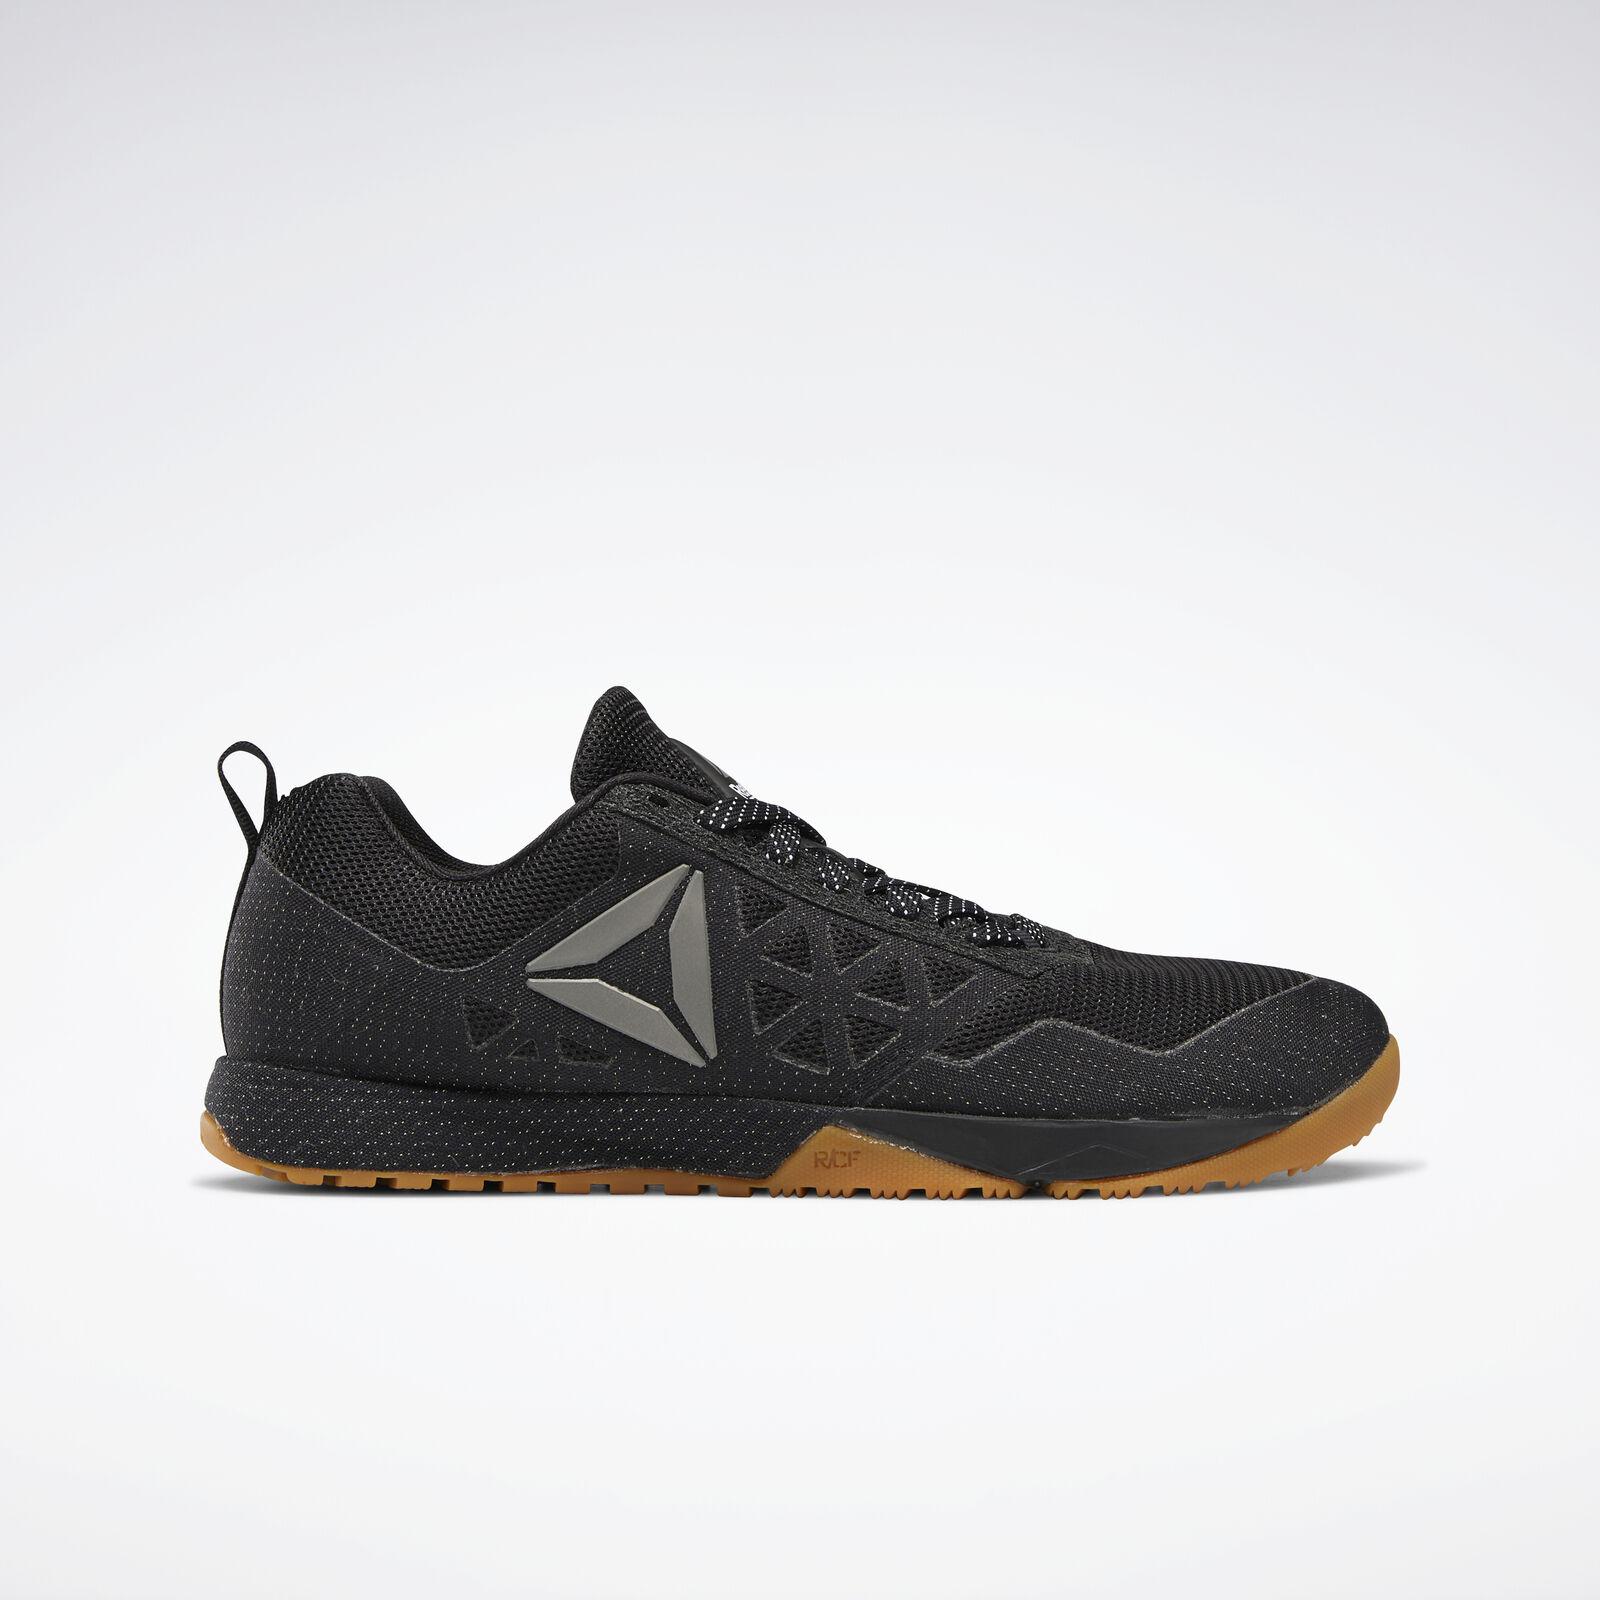 Reebok Nano 6 Covert Men's Shoes